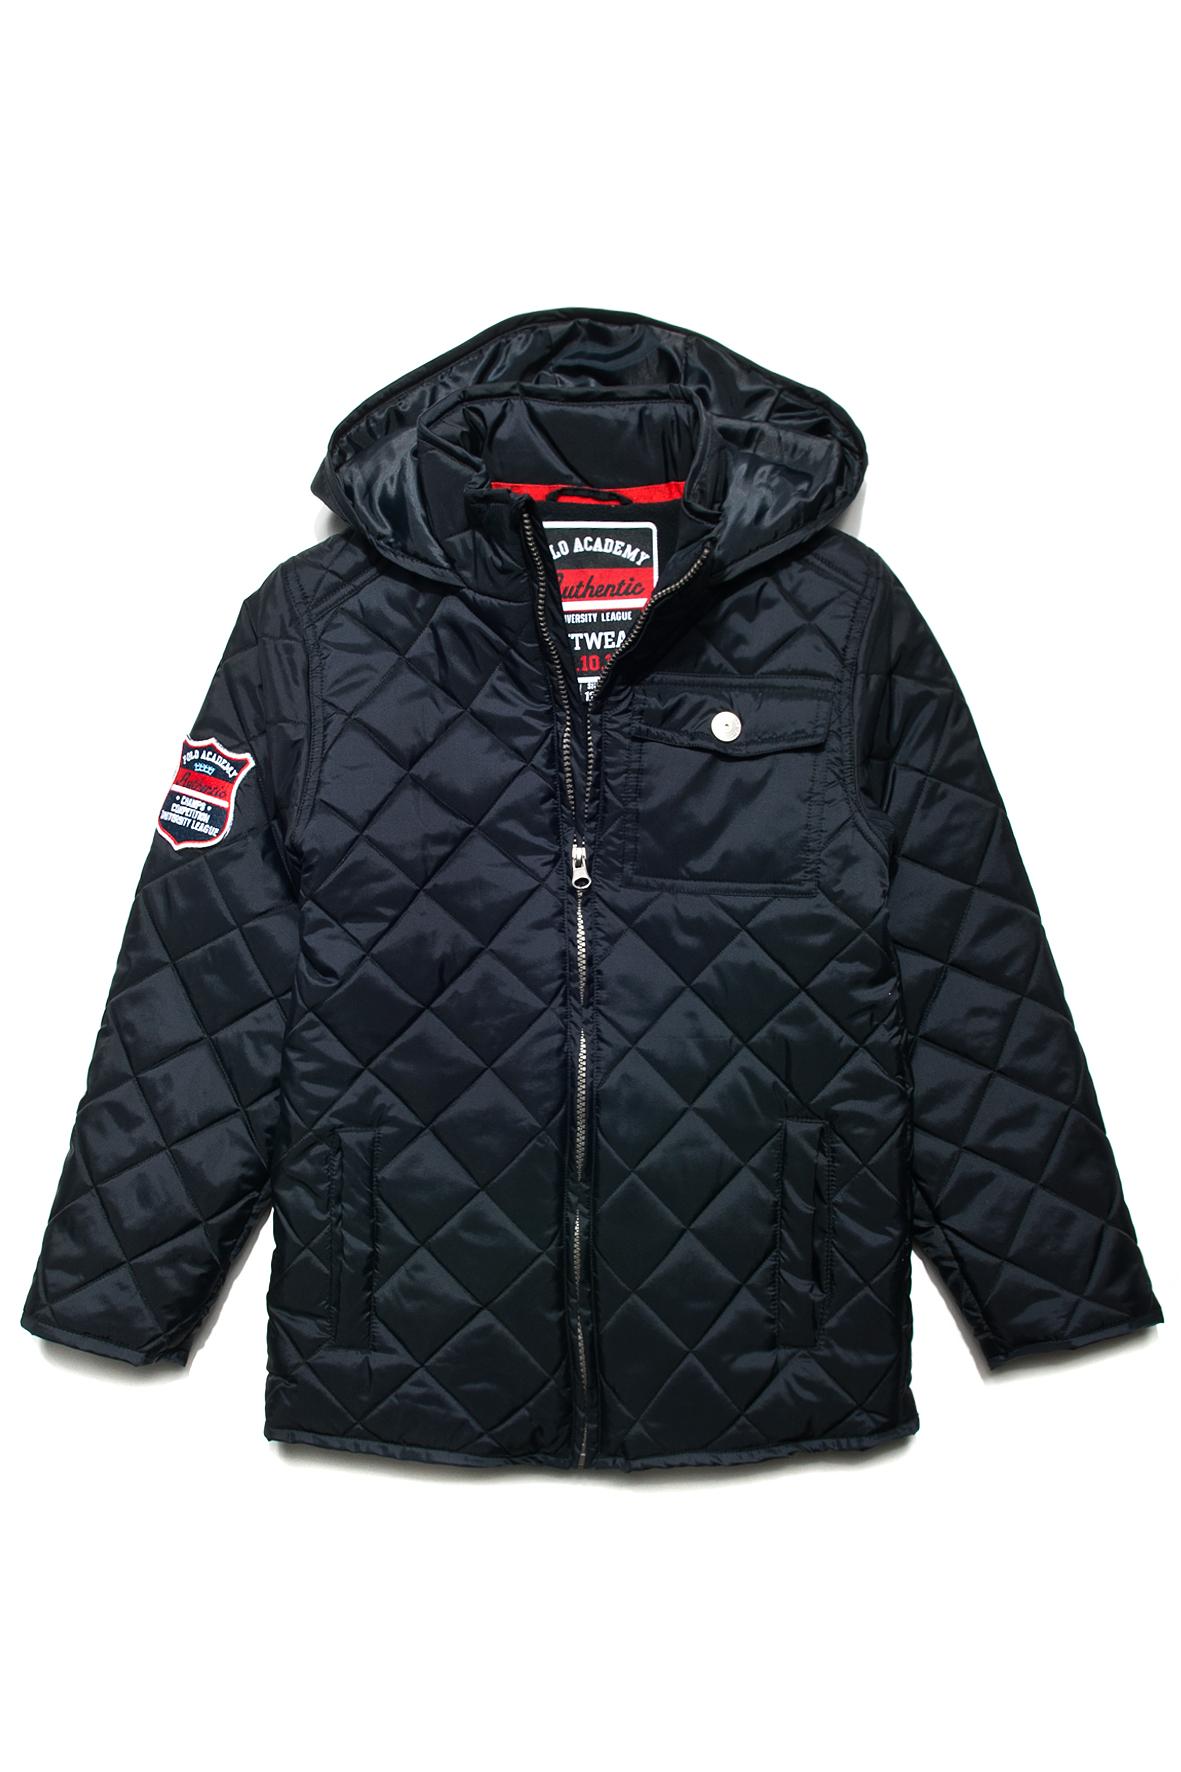 Pikowana kurtka chłopięca - nowa cena 79,99 (źródło: 51015kids.eu)